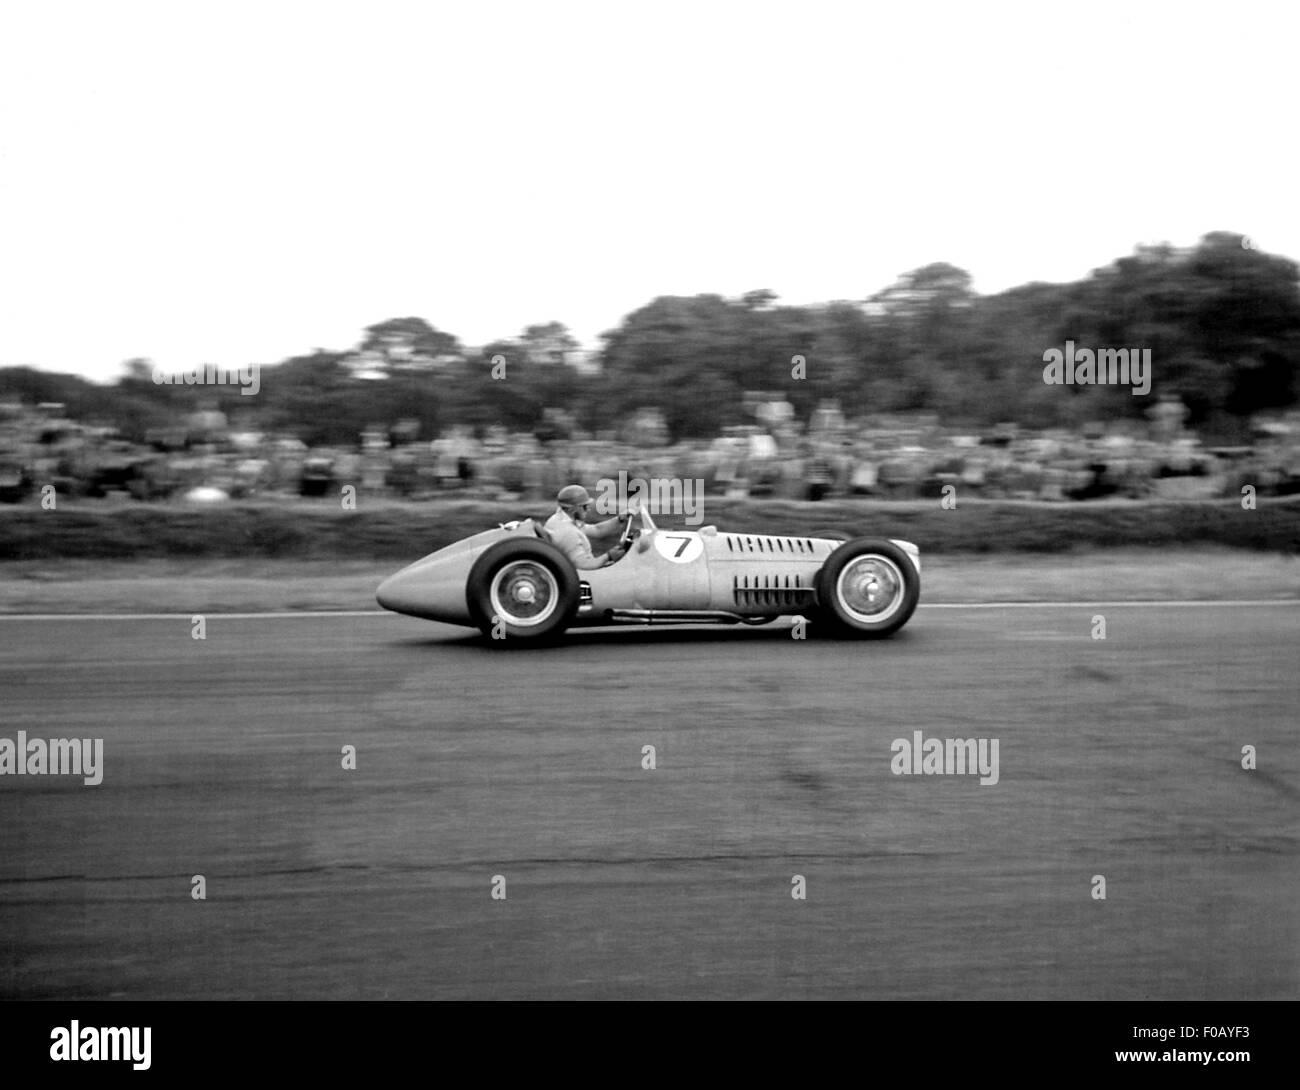 La course de Formule Libre à Silverstone 1952 Photo Stock